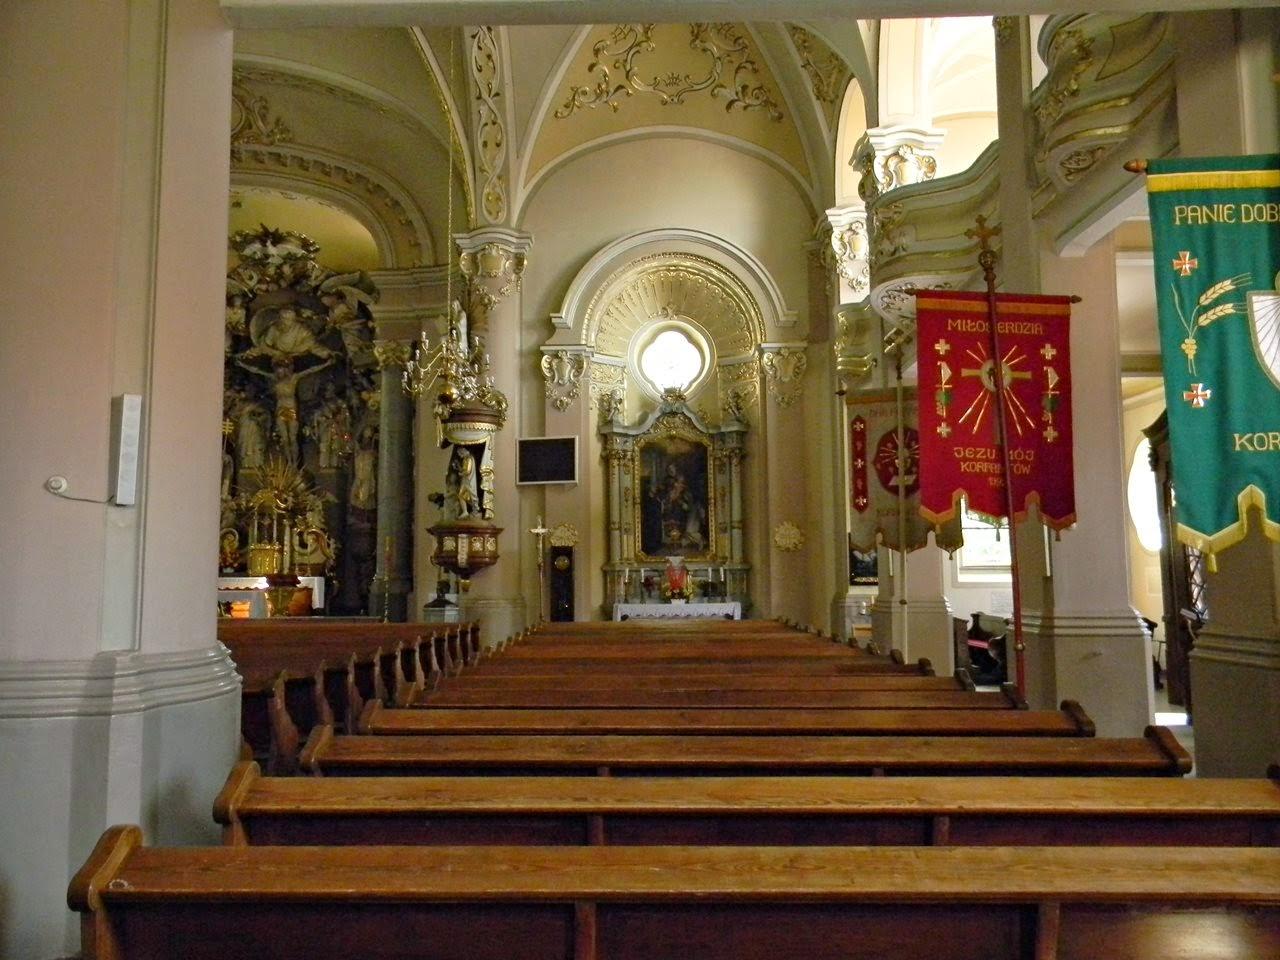 Korfantów, opolskie, miejsca kultu, chrześcijanie